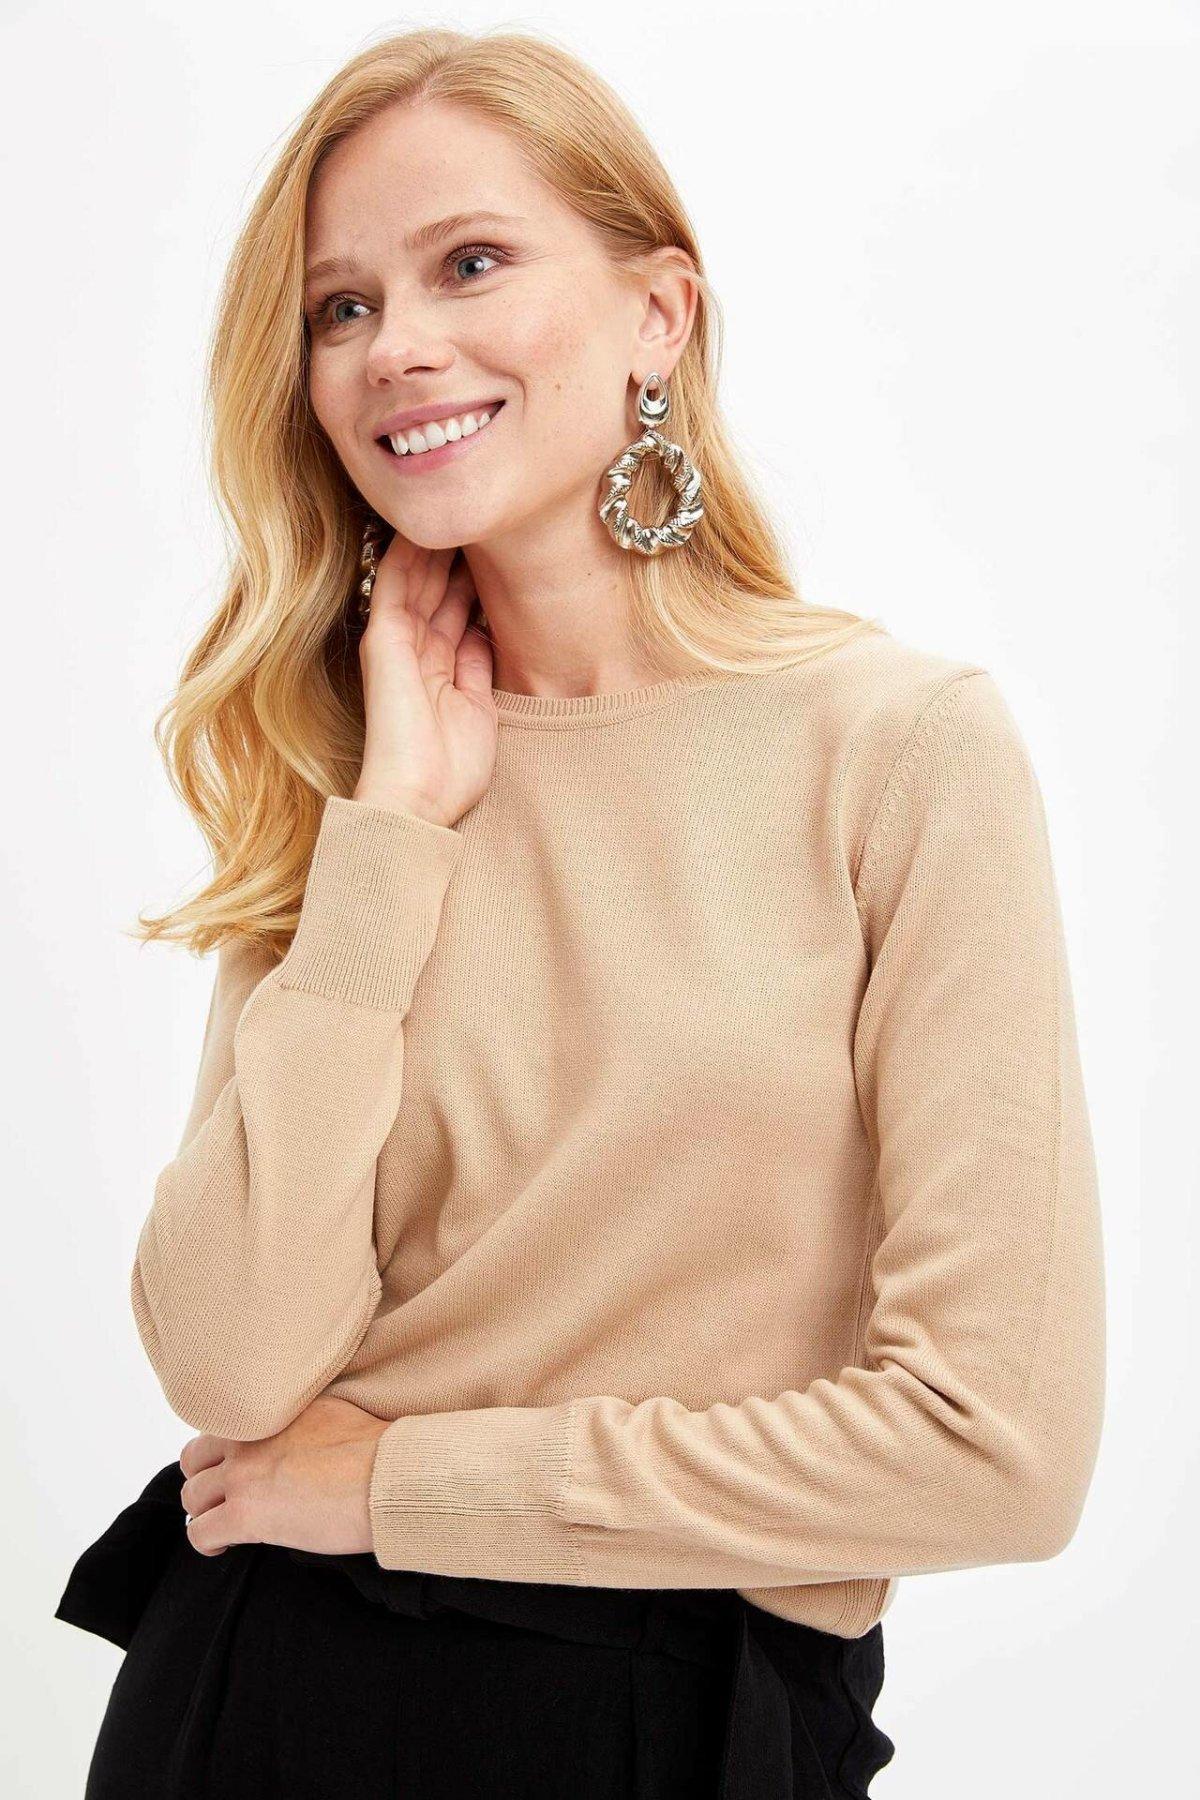 DeFacto Женщина Осень Вязаный пуловер O-образный вырез Solid Color Top Тис Женщина с длинным рукавом Ткань Хлопок Повседневного Tops-F7091AZ19AU Y200110